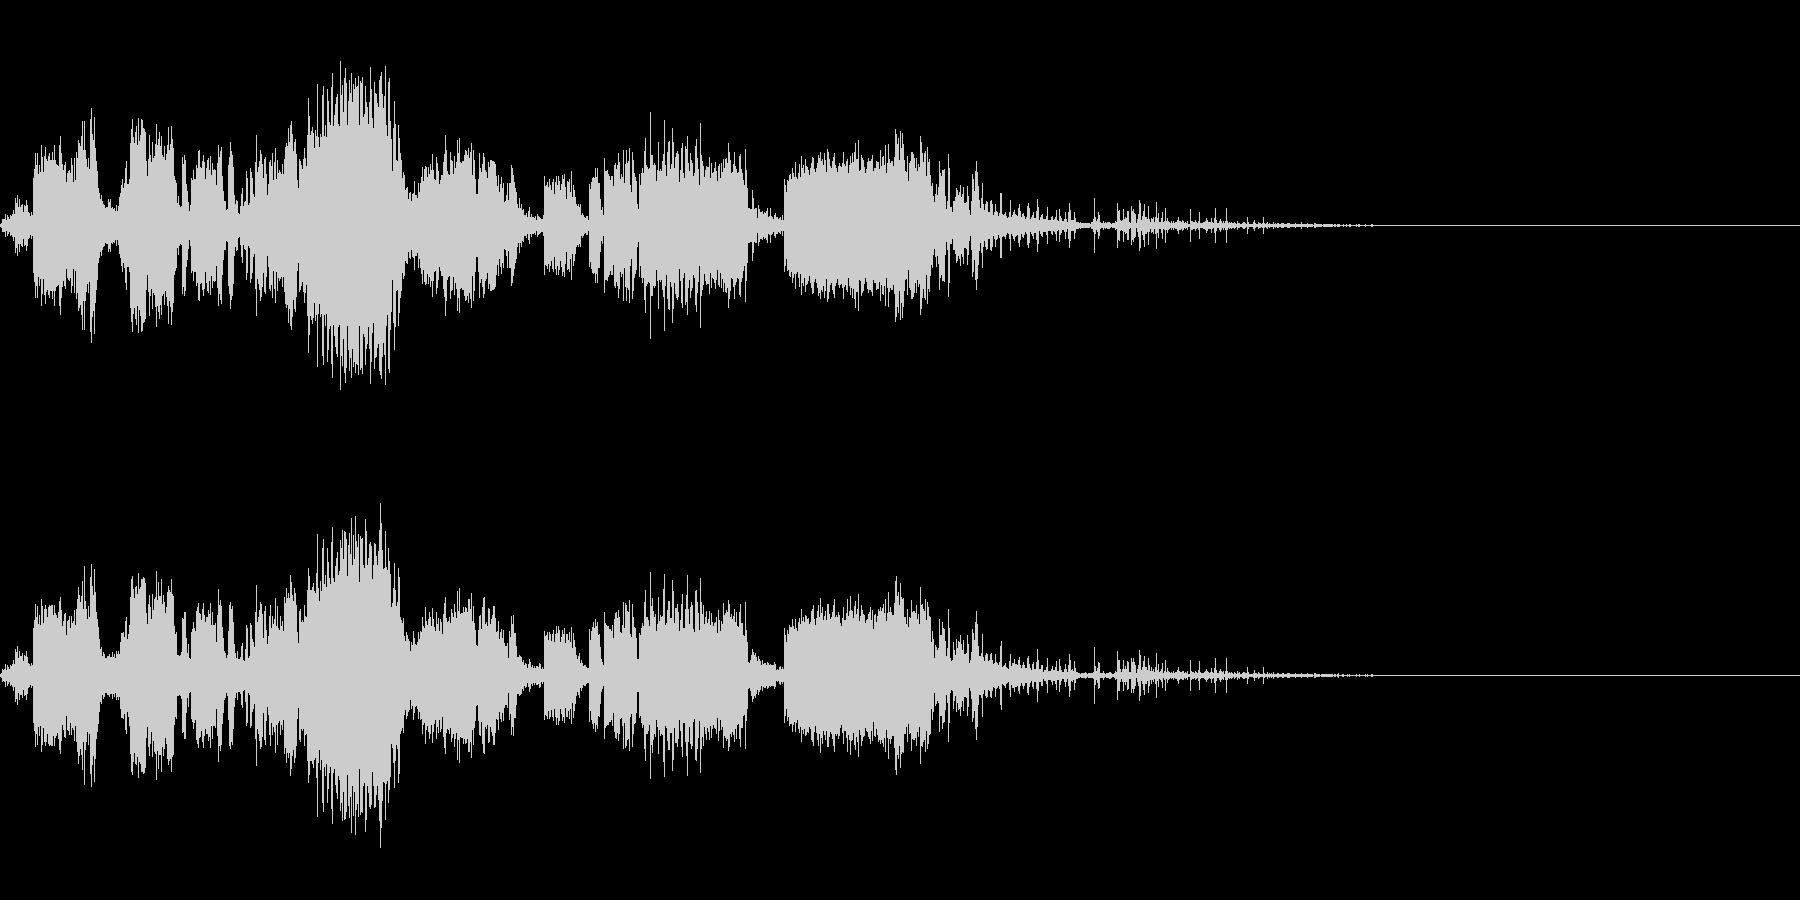 スパーク音-35の未再生の波形